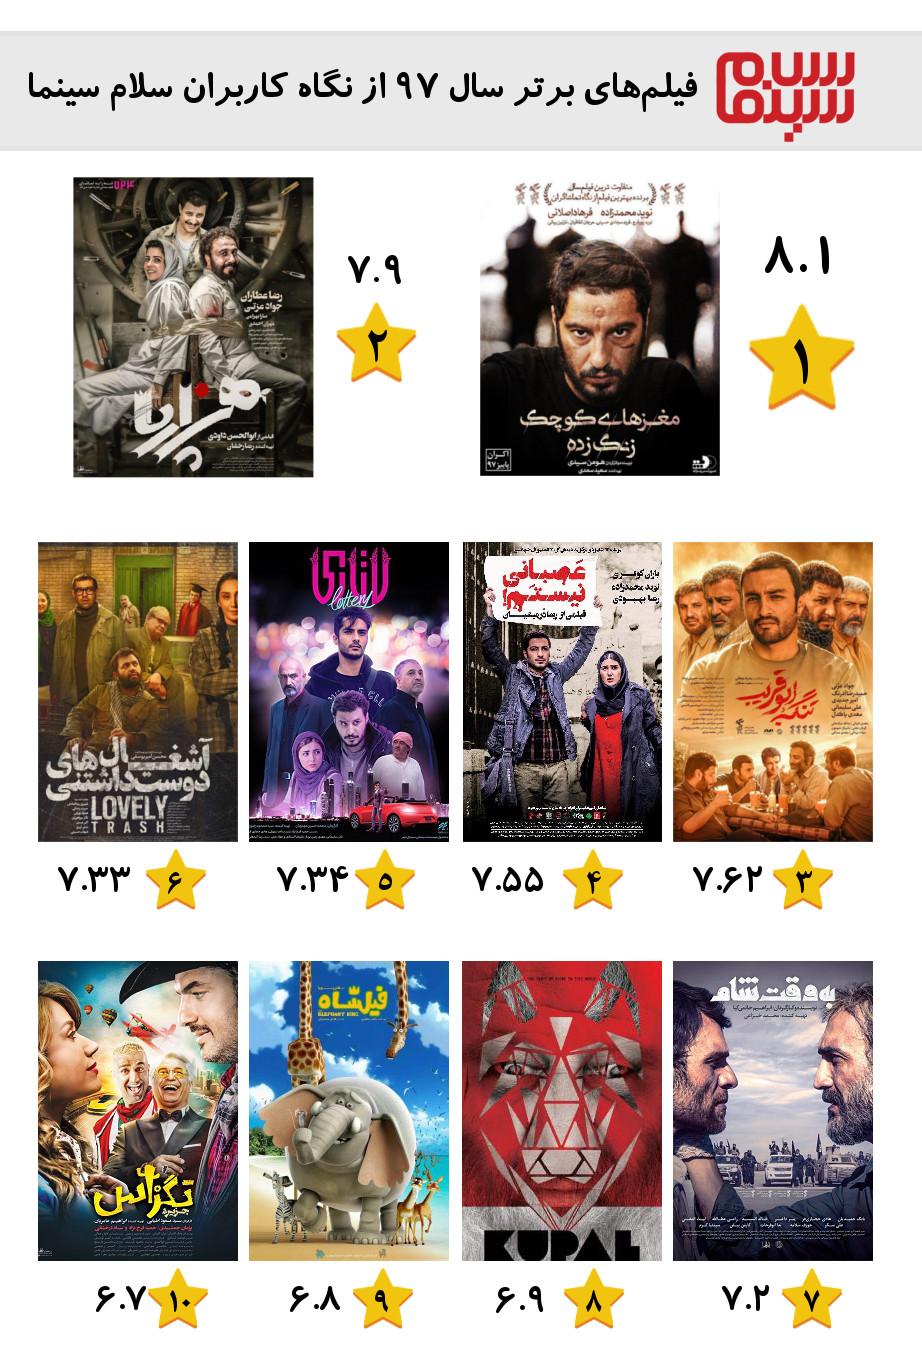 ده فیلم برتر سینمای ایران در سال 97 توسط کاربران سلام سینما انتخاب شدند